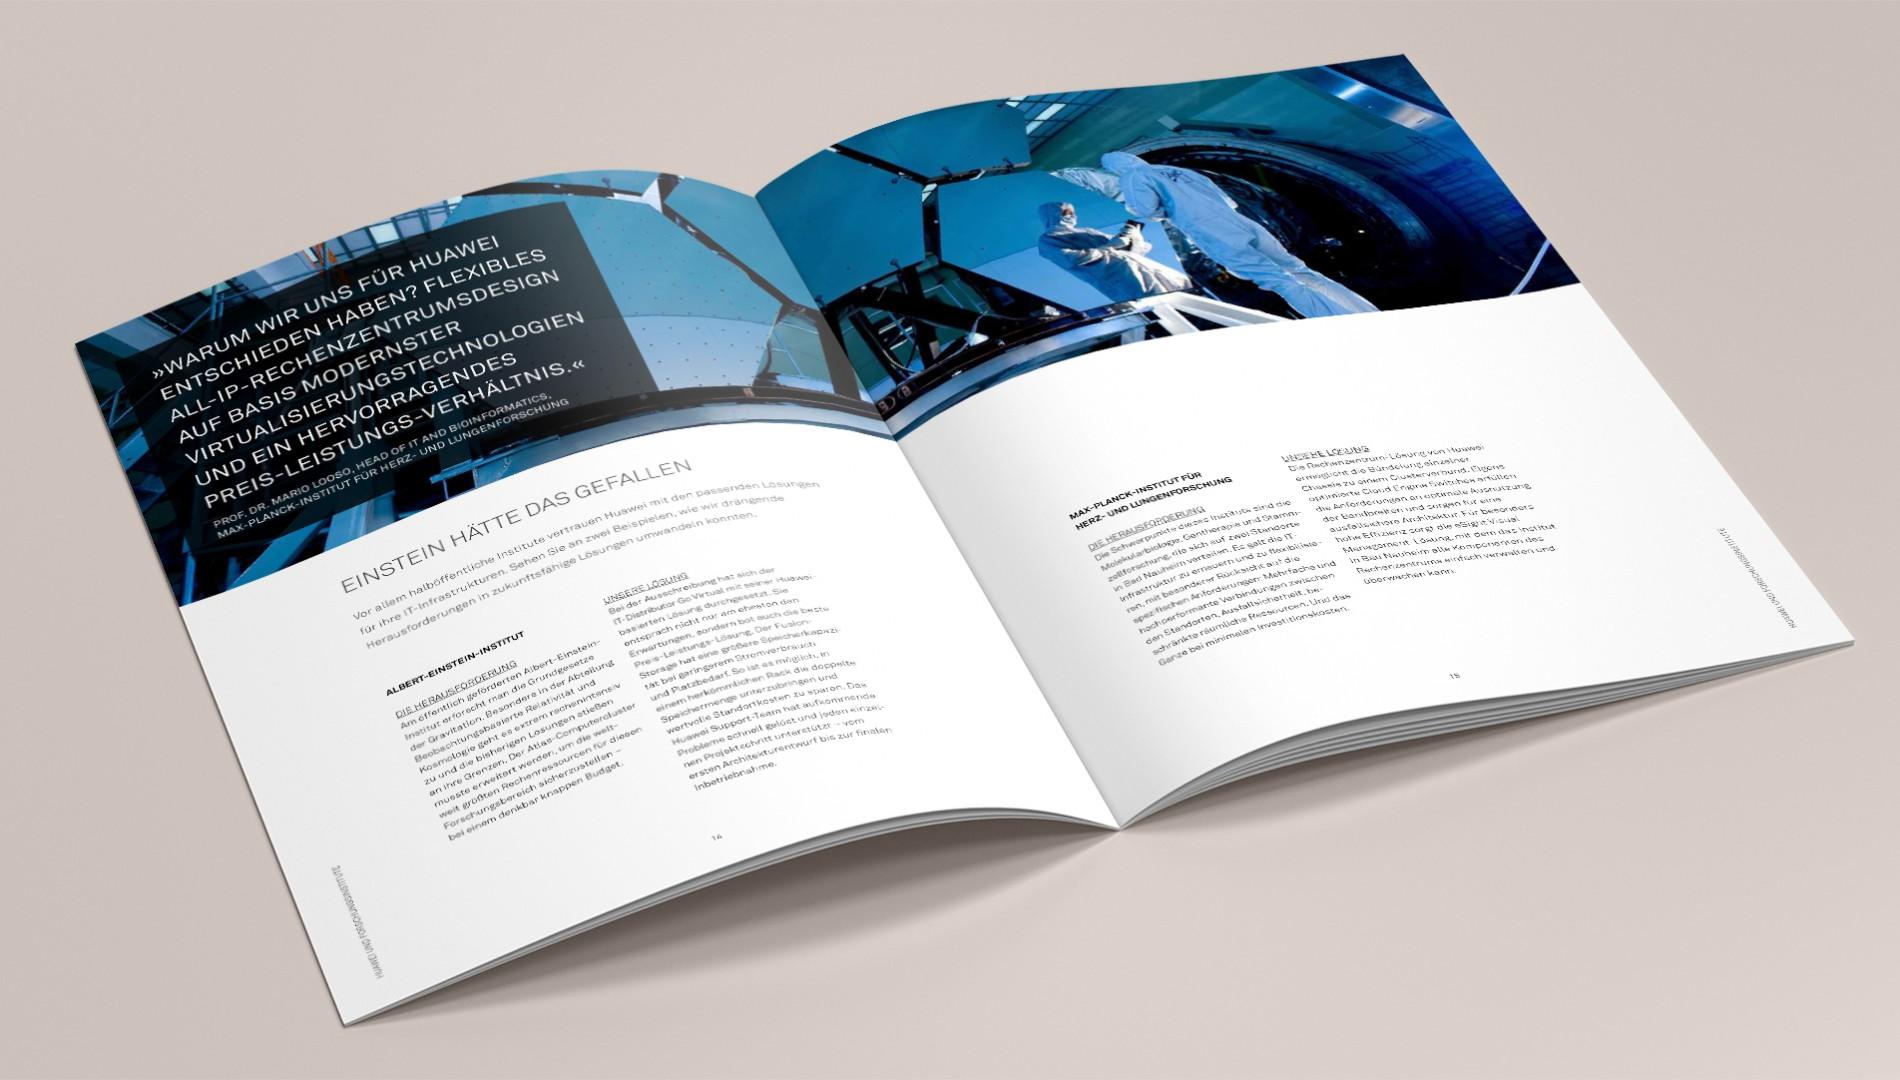 Hochwertige Broschüre für Hauwei mit Konzeption und Gestaltung von das formt - Designagentur aus München